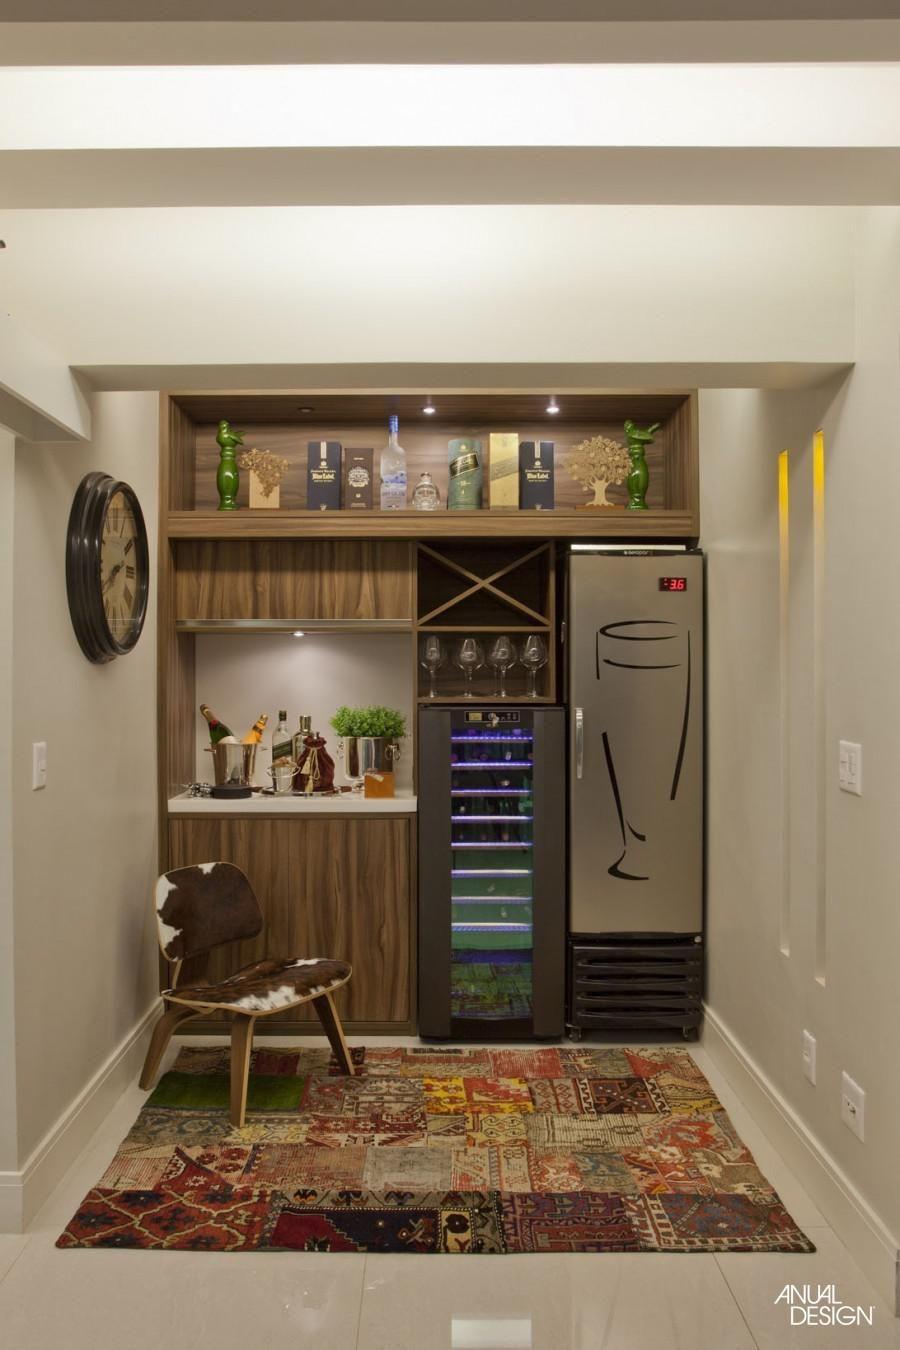 Apartamento Integrado Na Asa Sul Anual Design Bras Lia Casa Nova